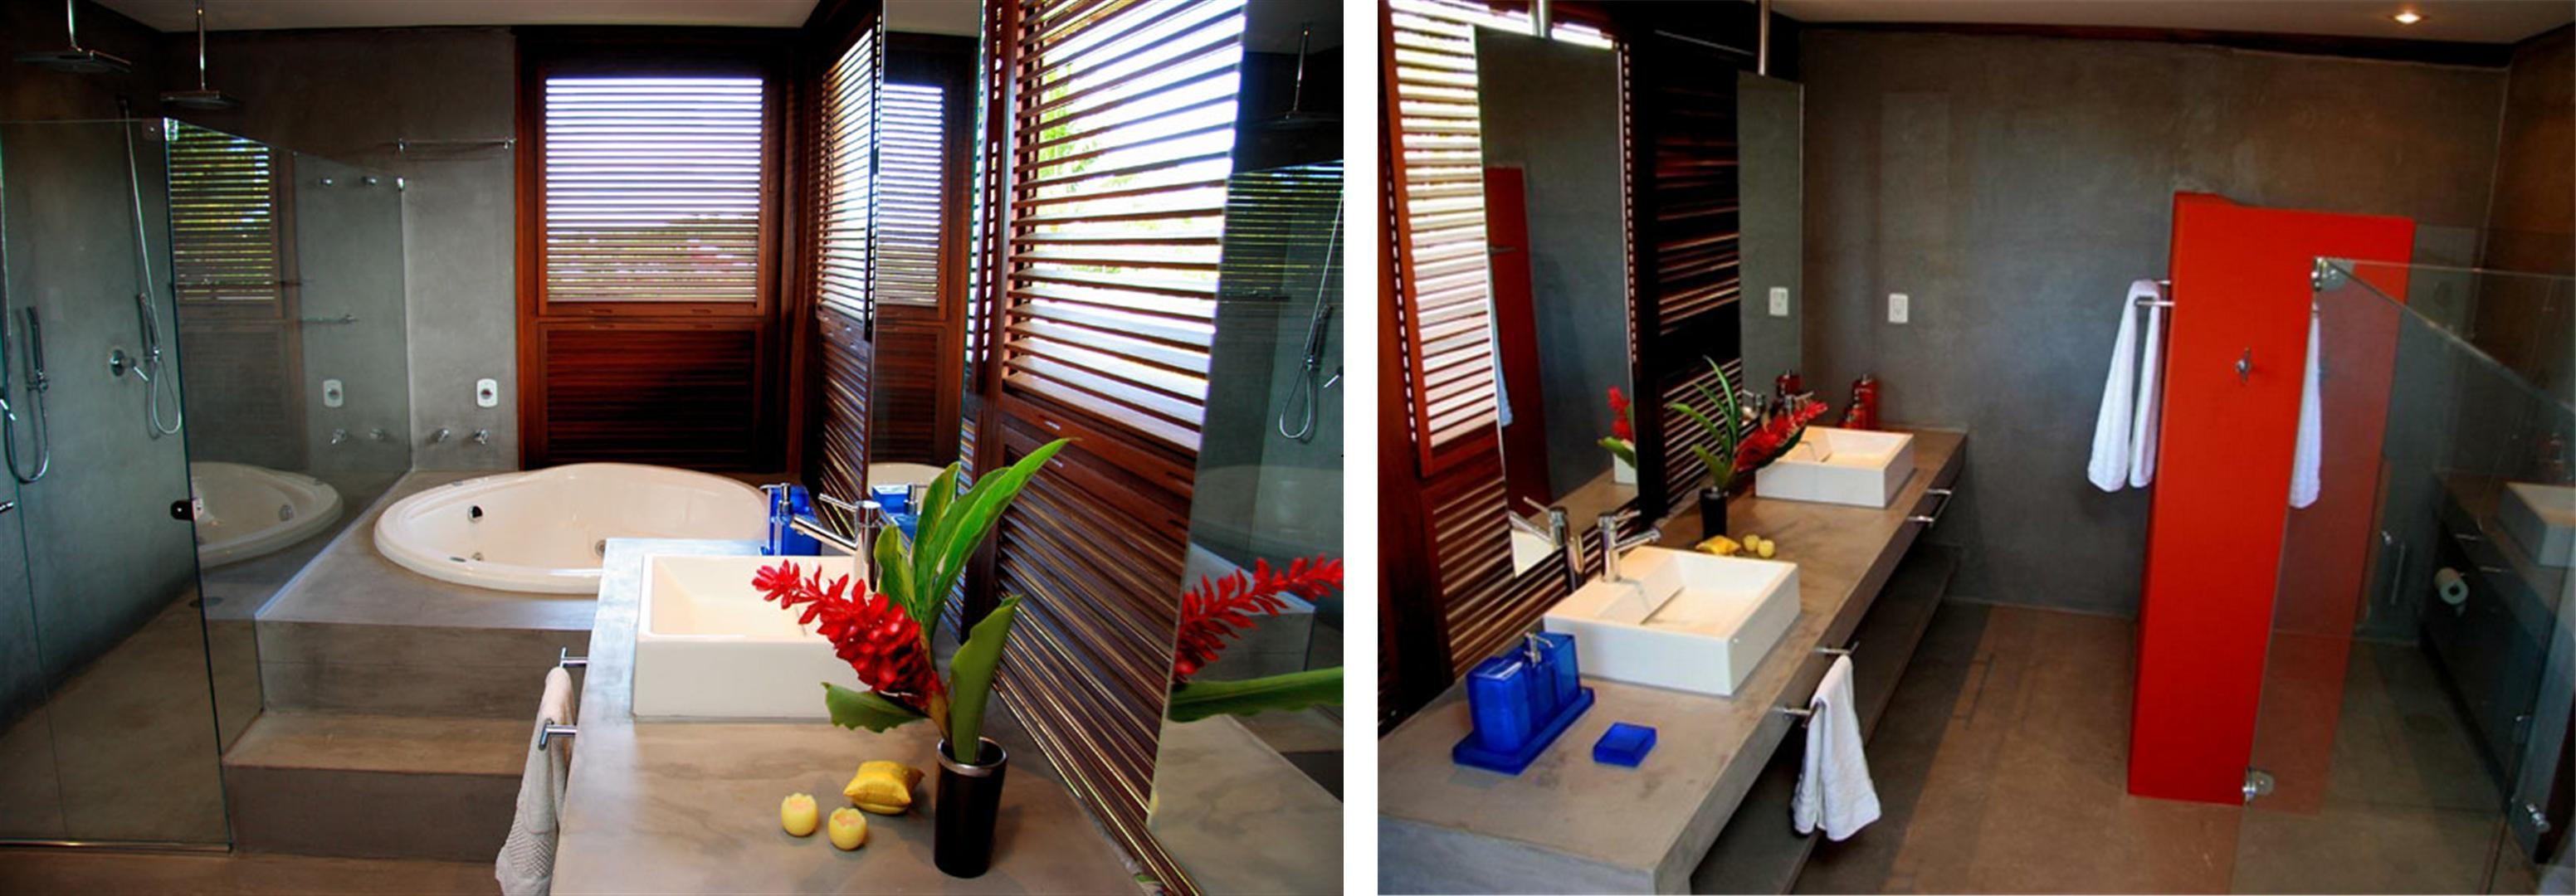 Pin Banheiro Com Revestimento Fotos E Imagens Decorado Pelautscom  #B81605 3104x1080 Banheiro Cimento Queimado E Pastilhas